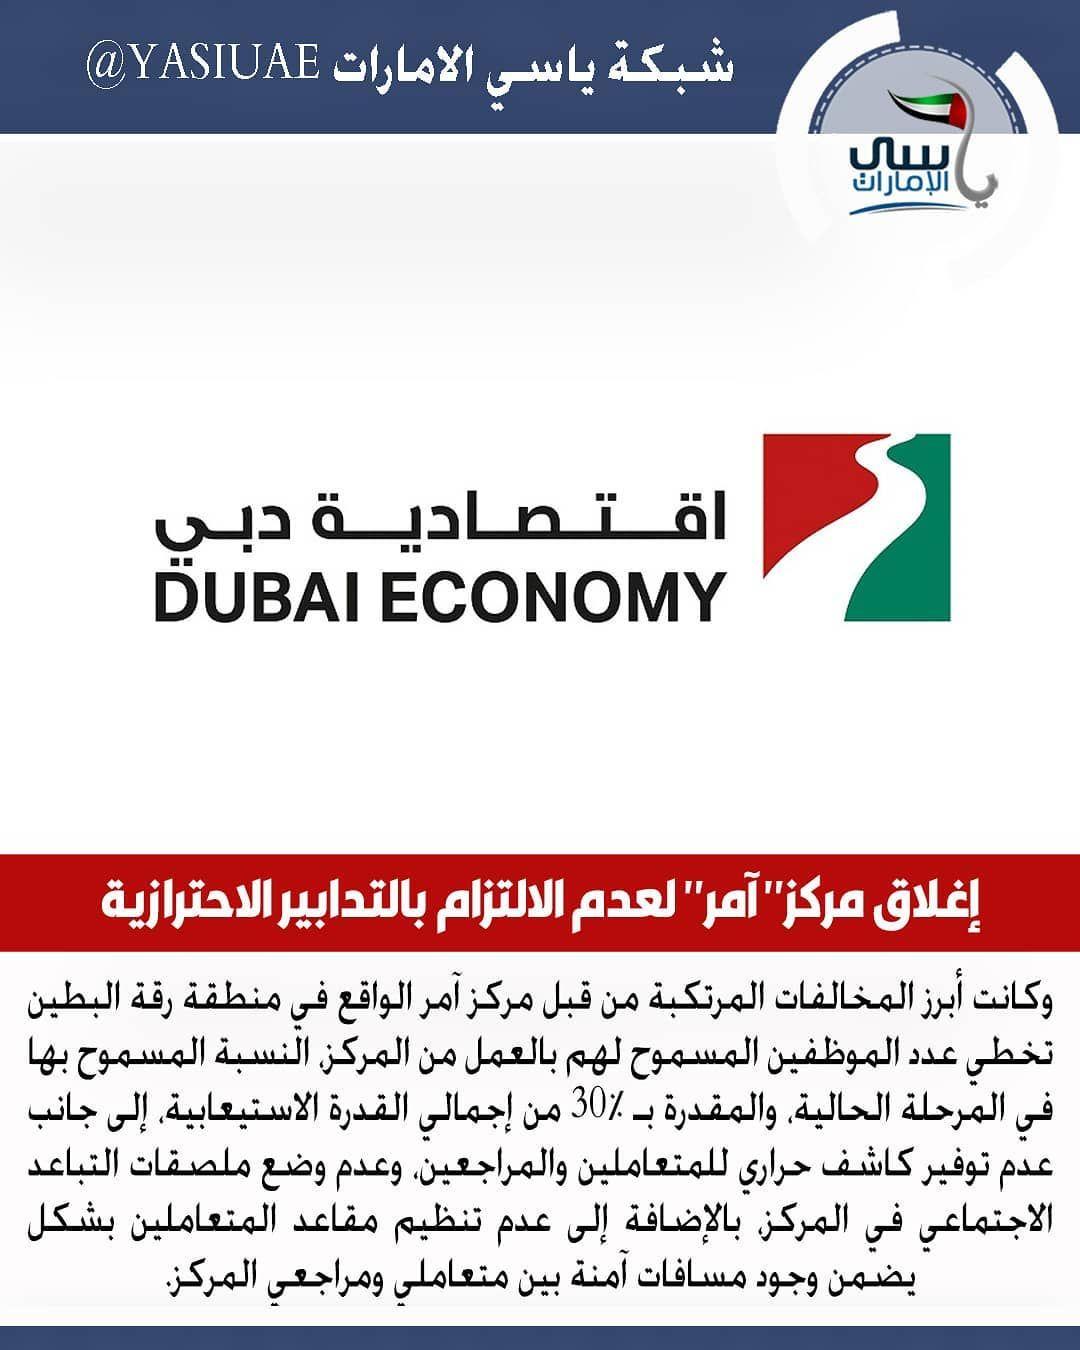 دبي إغلاق مركز آمر لعدم الالتزام بالتدابير الاحترازية Www Yasiuae Net Ios Messenger Ios